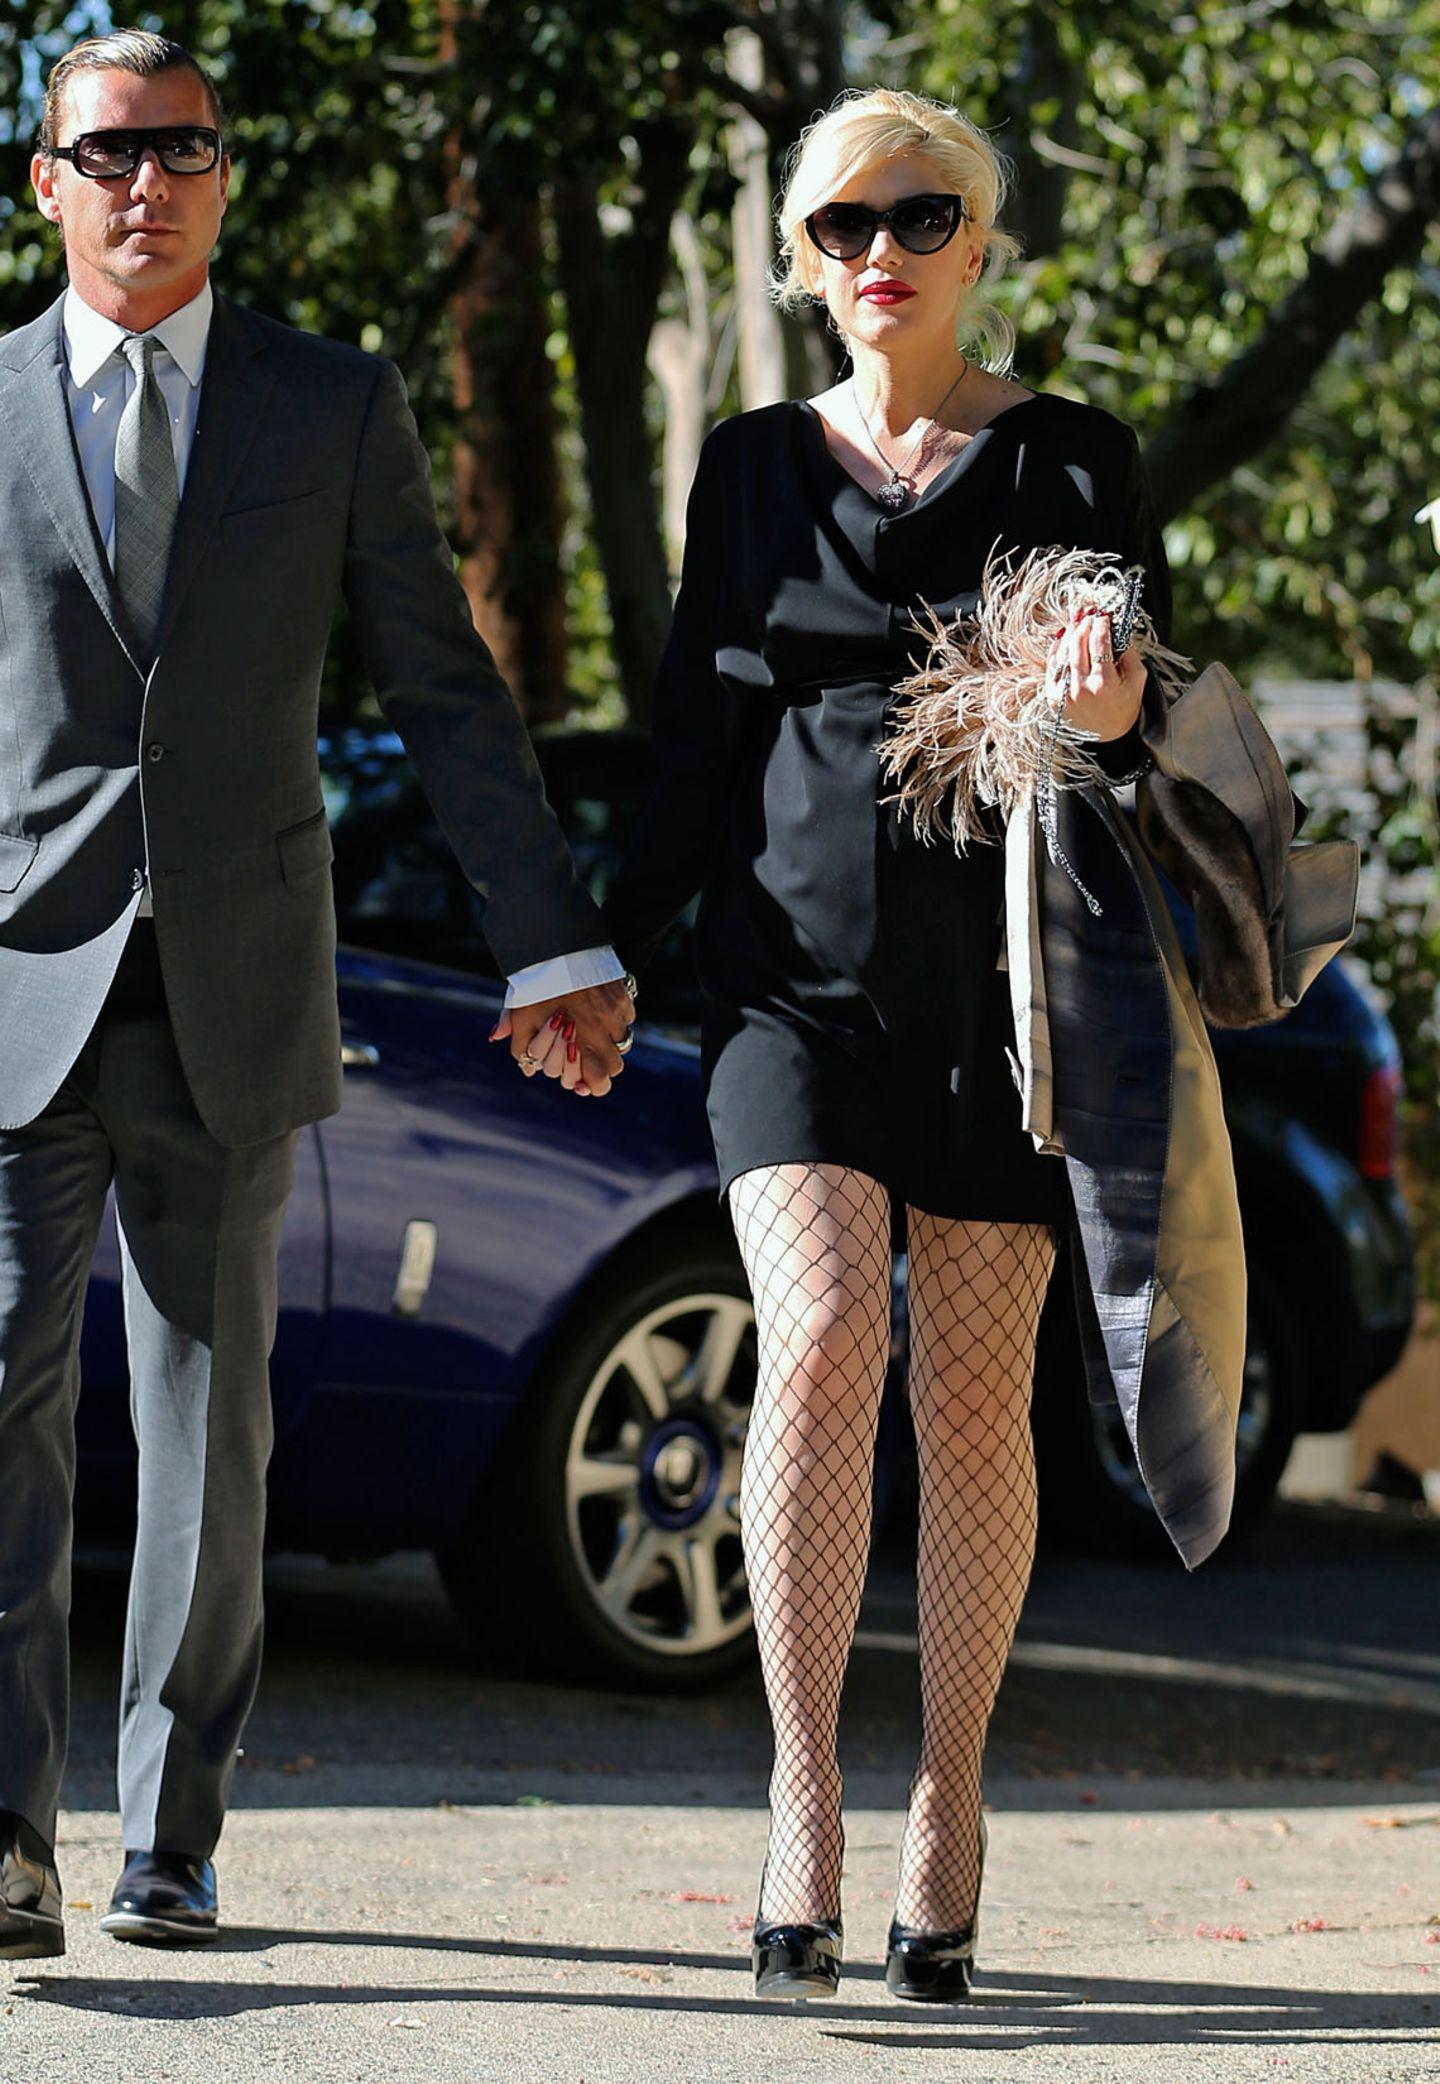 Im langärmeligen Kleinen Schwarzen besucht Gwen Stefani mit ihrem Mann Gavin Rossdale eine Hochzeit. Verruchtes Accessoire dabei ist die Netzstrumpfhose.